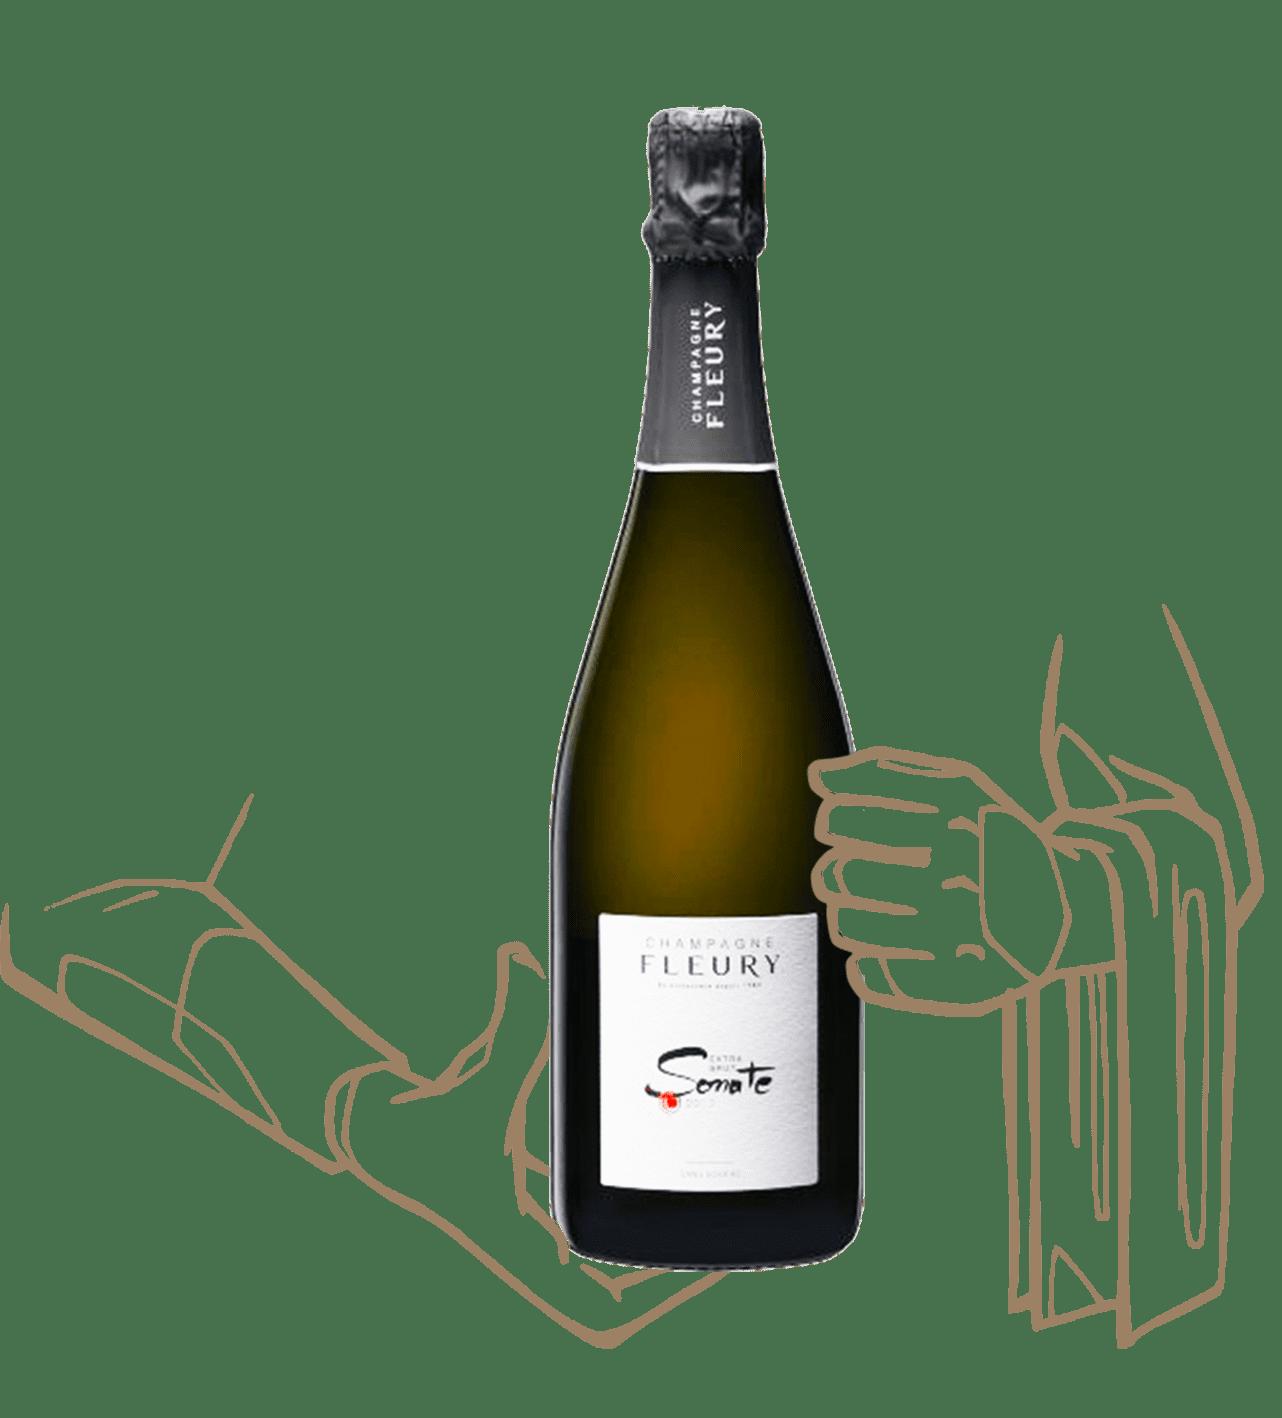 Sonate 2012 est un champagne de la maison champagne fleury